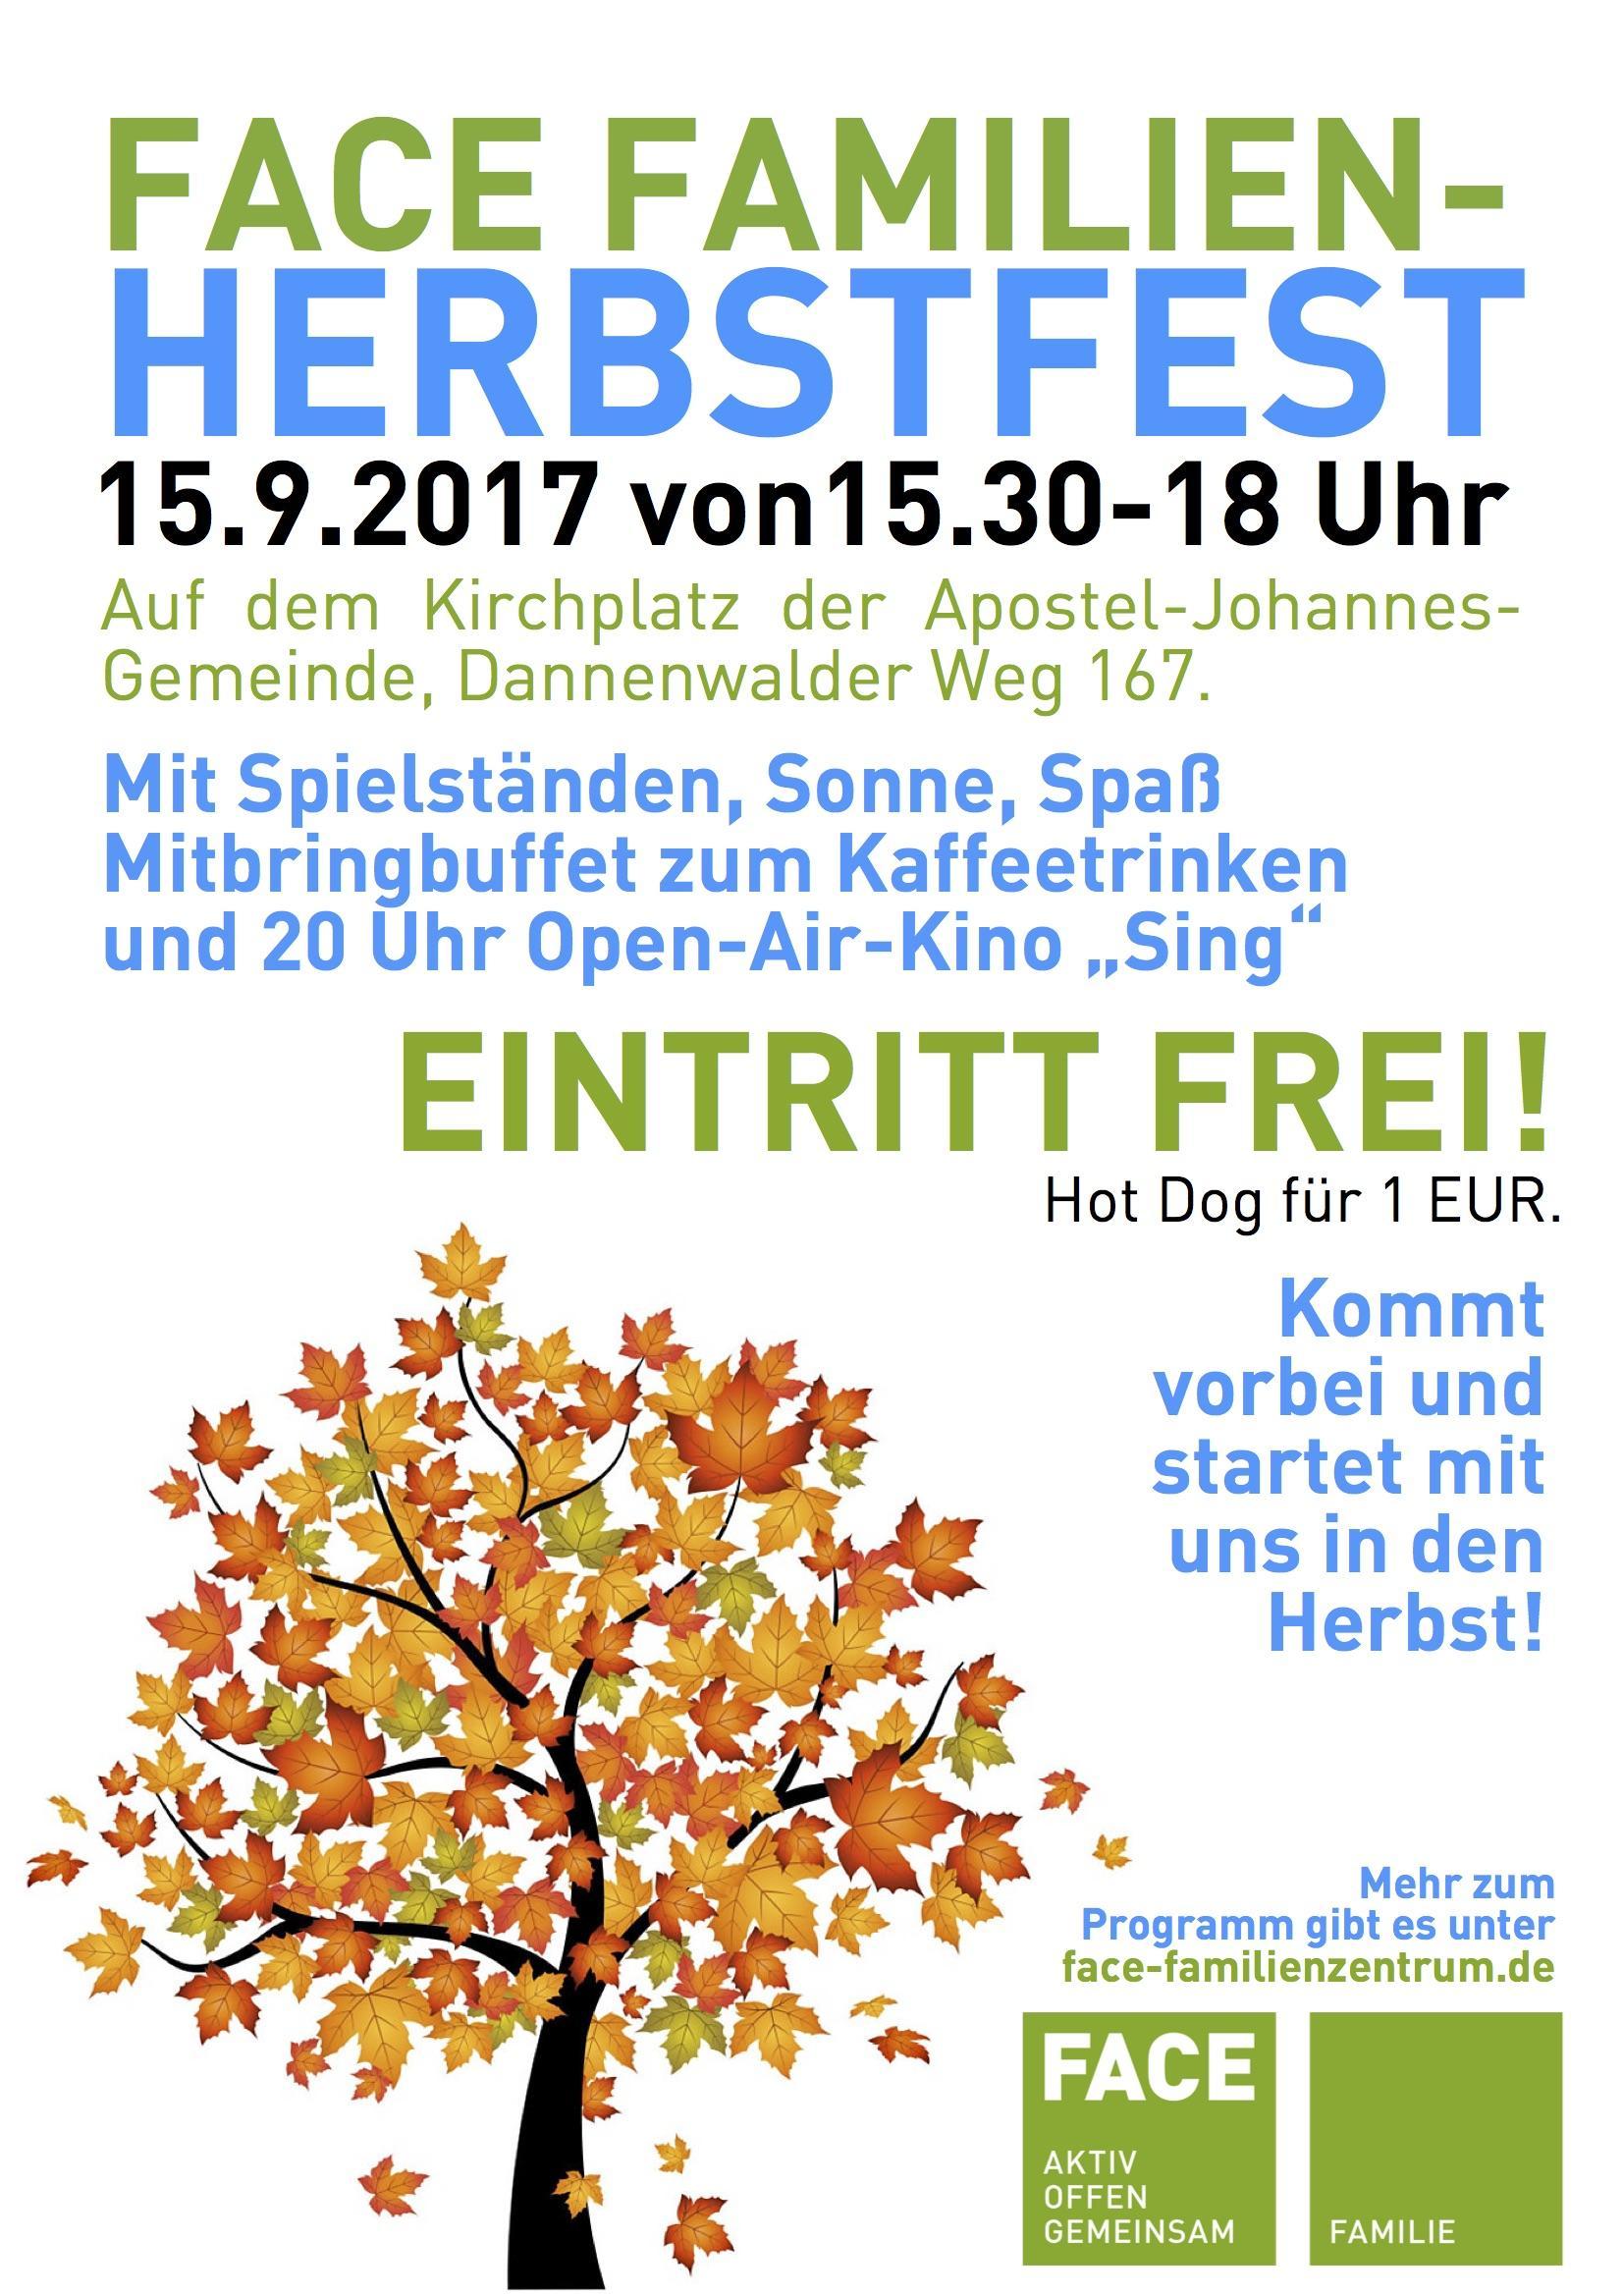 Herbstfest am 15.9. ab 15.30 Uhr / VIERTEL KINO